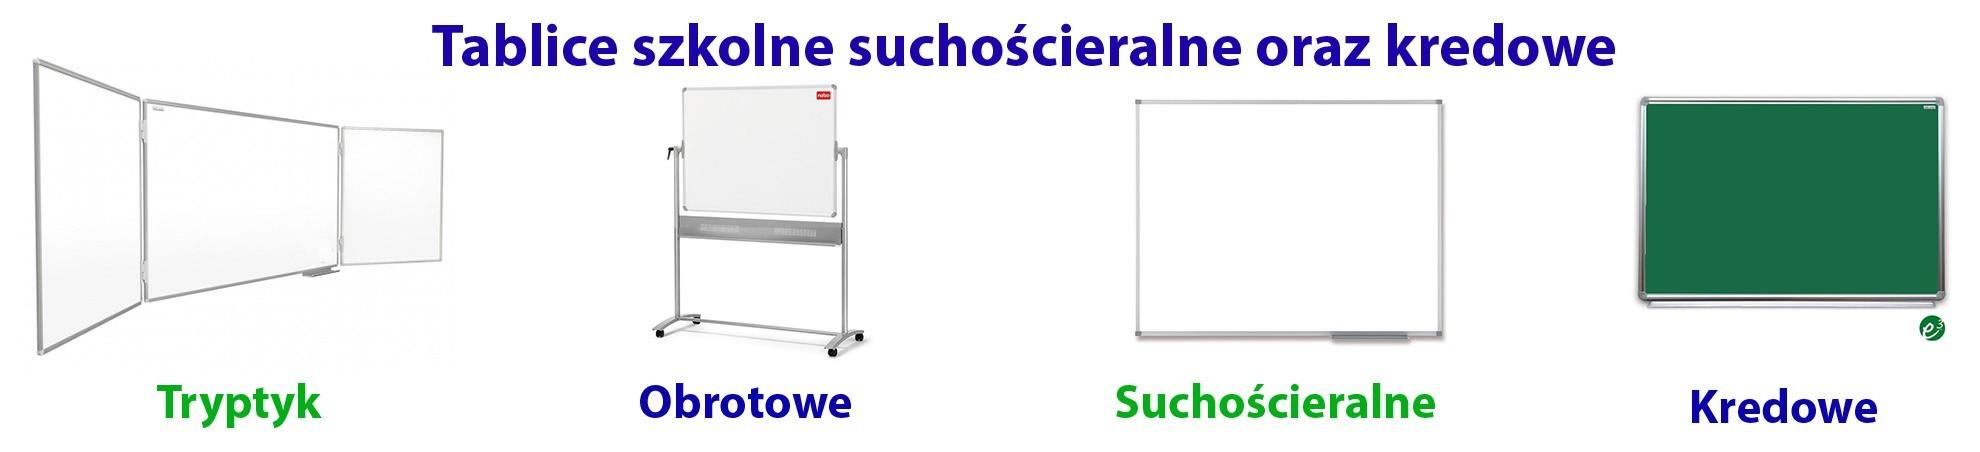 Tablice szkolne suchościeralne i kredowe